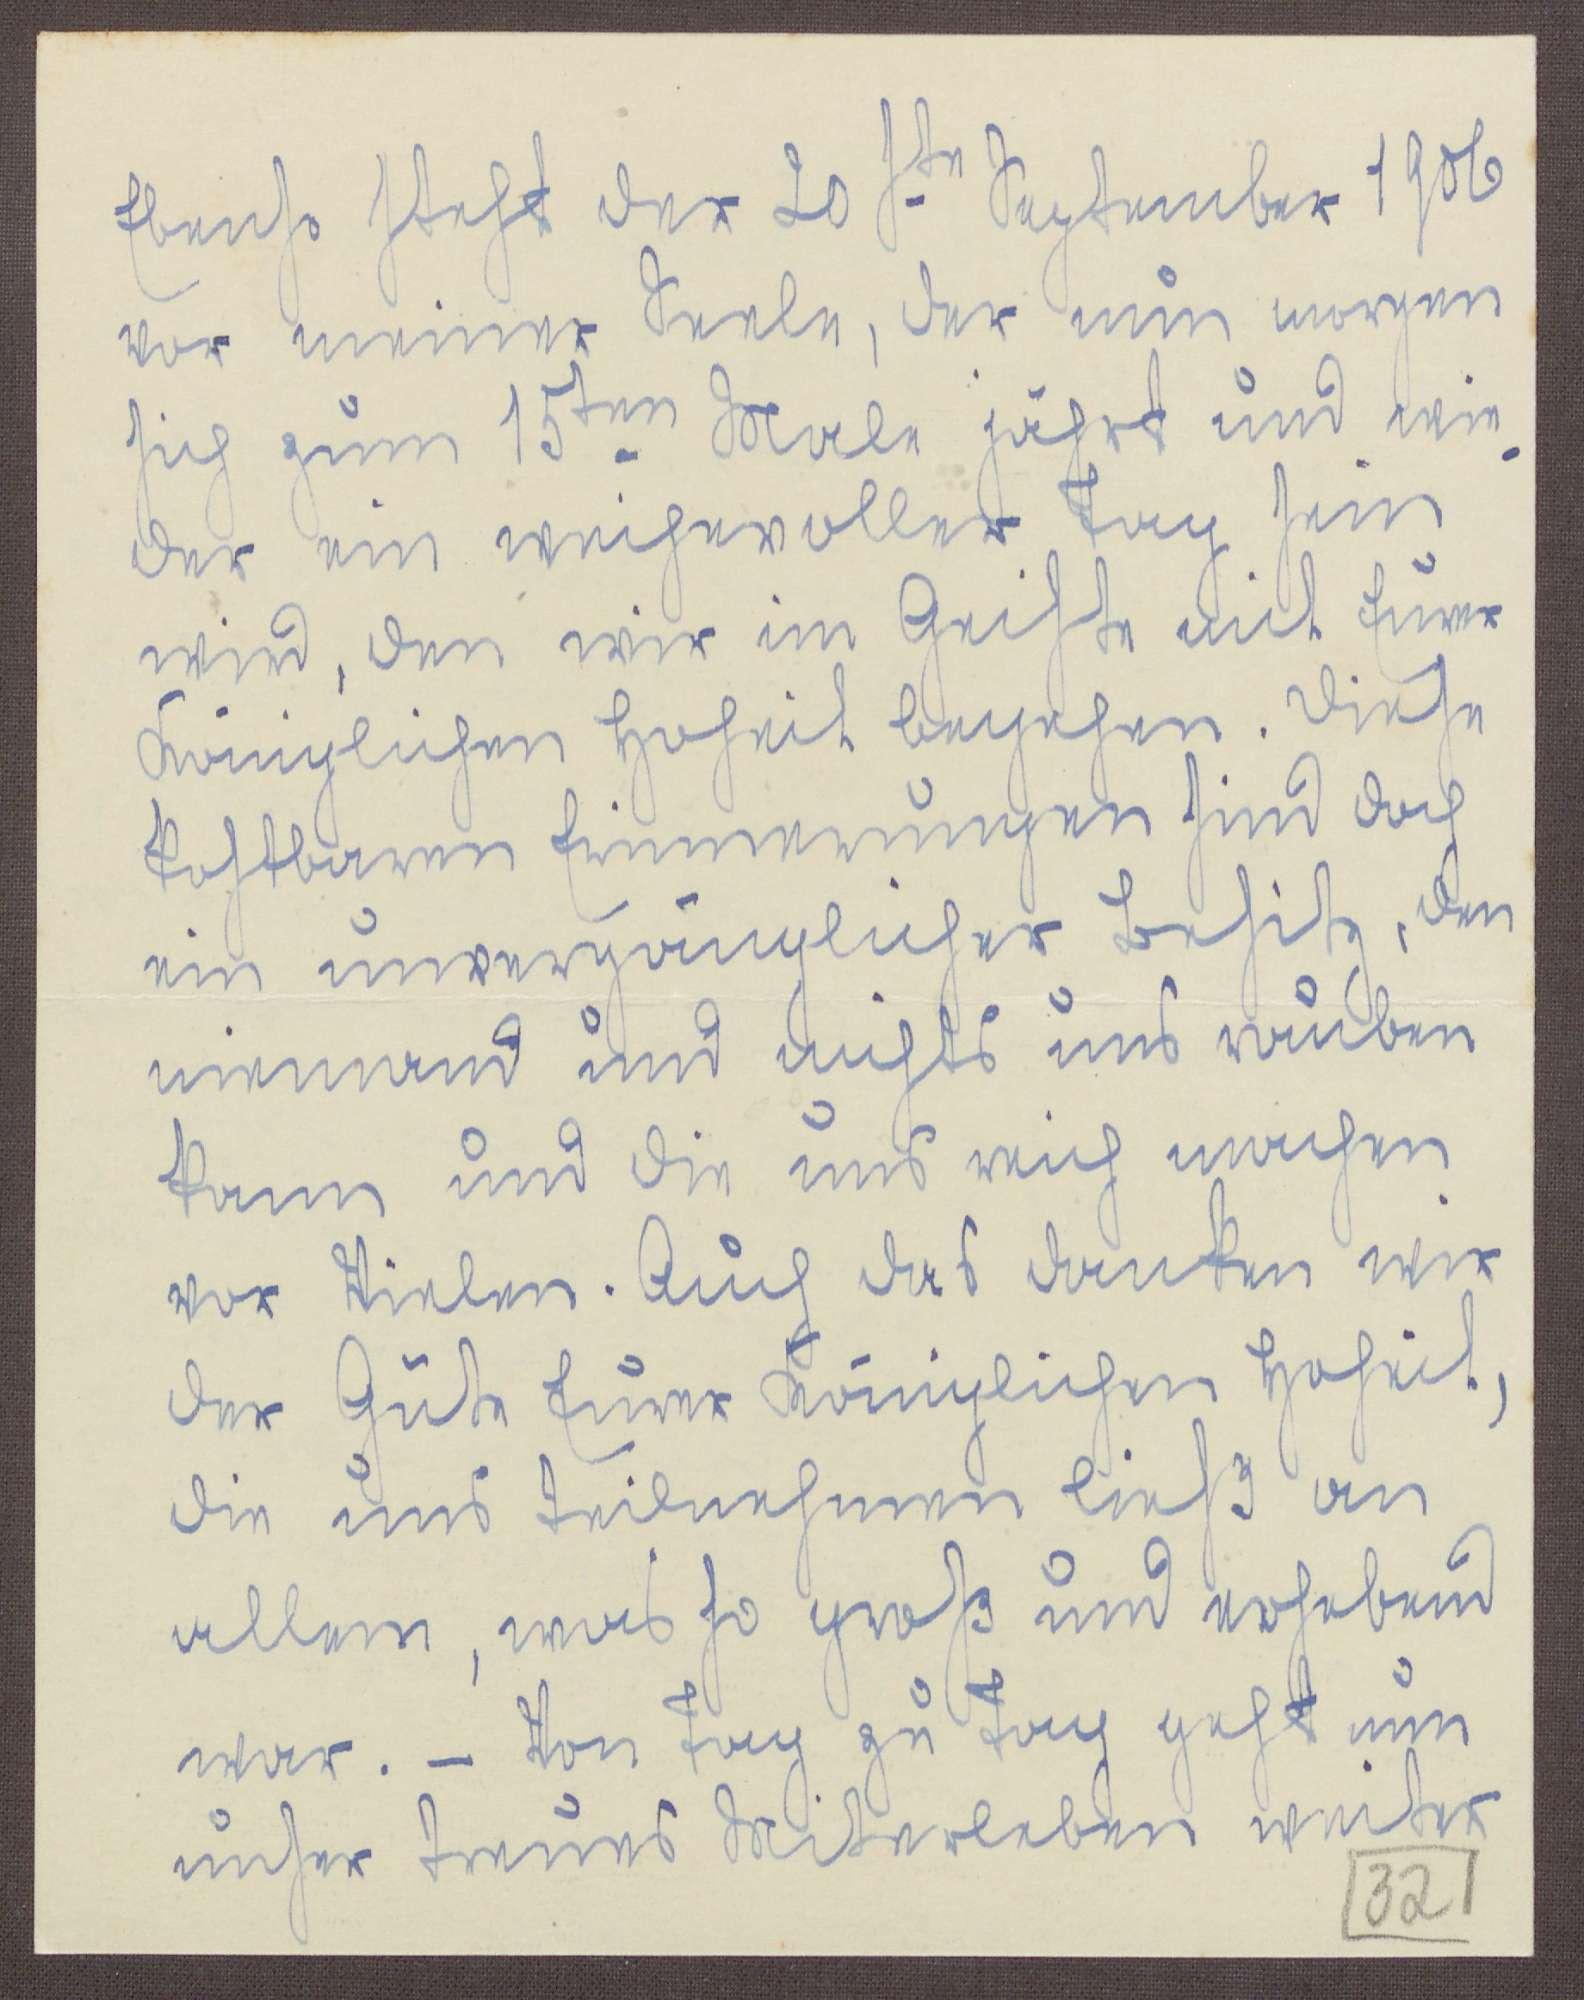 Schreiben von Emilie Göler an die Großherzogin Luise; Aufenthalt der ehemaligen Kinder des Pensionats auf der Insel Mainau und Erinnerungen an die eigene Reise, Bild 3